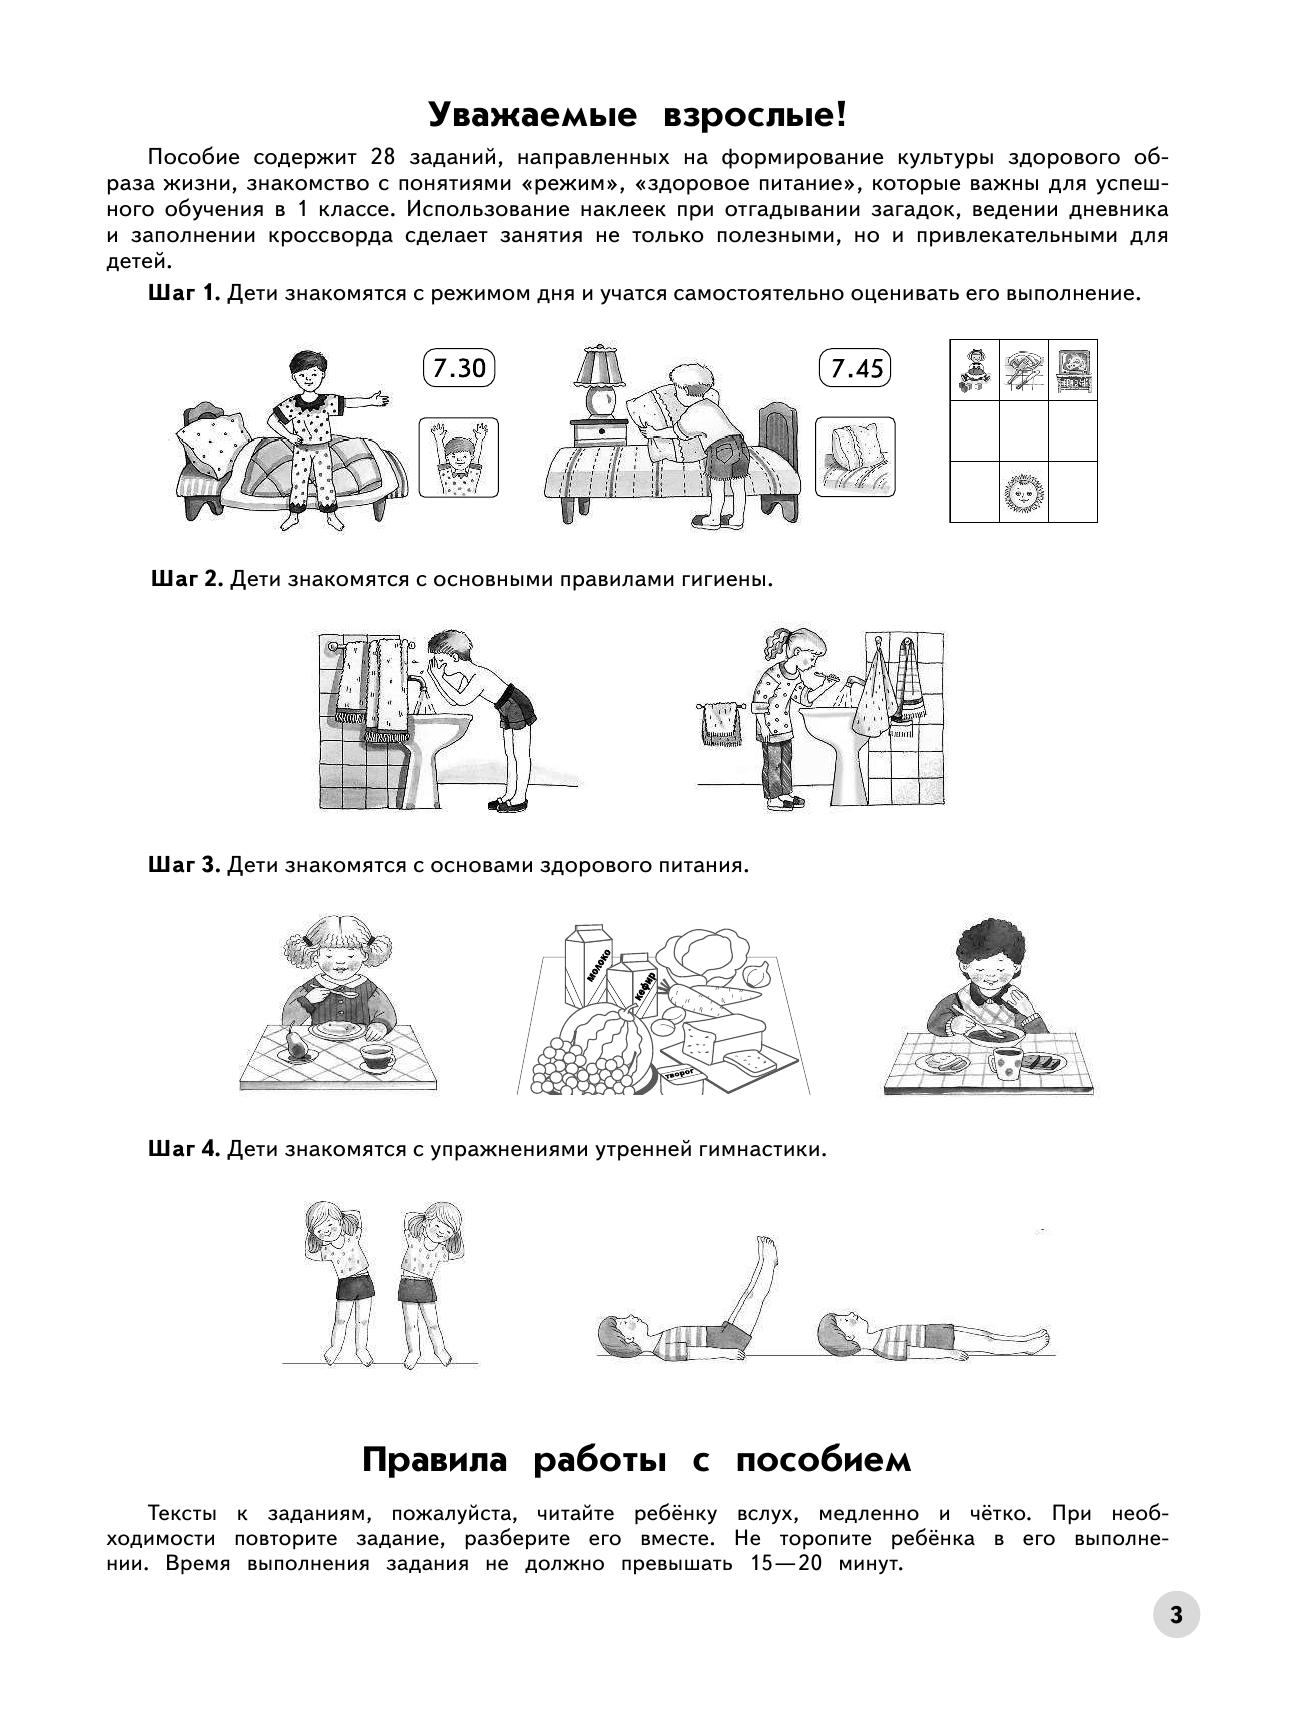 Твоё здоровье. Пособие для детей 5-6 лет. - страница 2